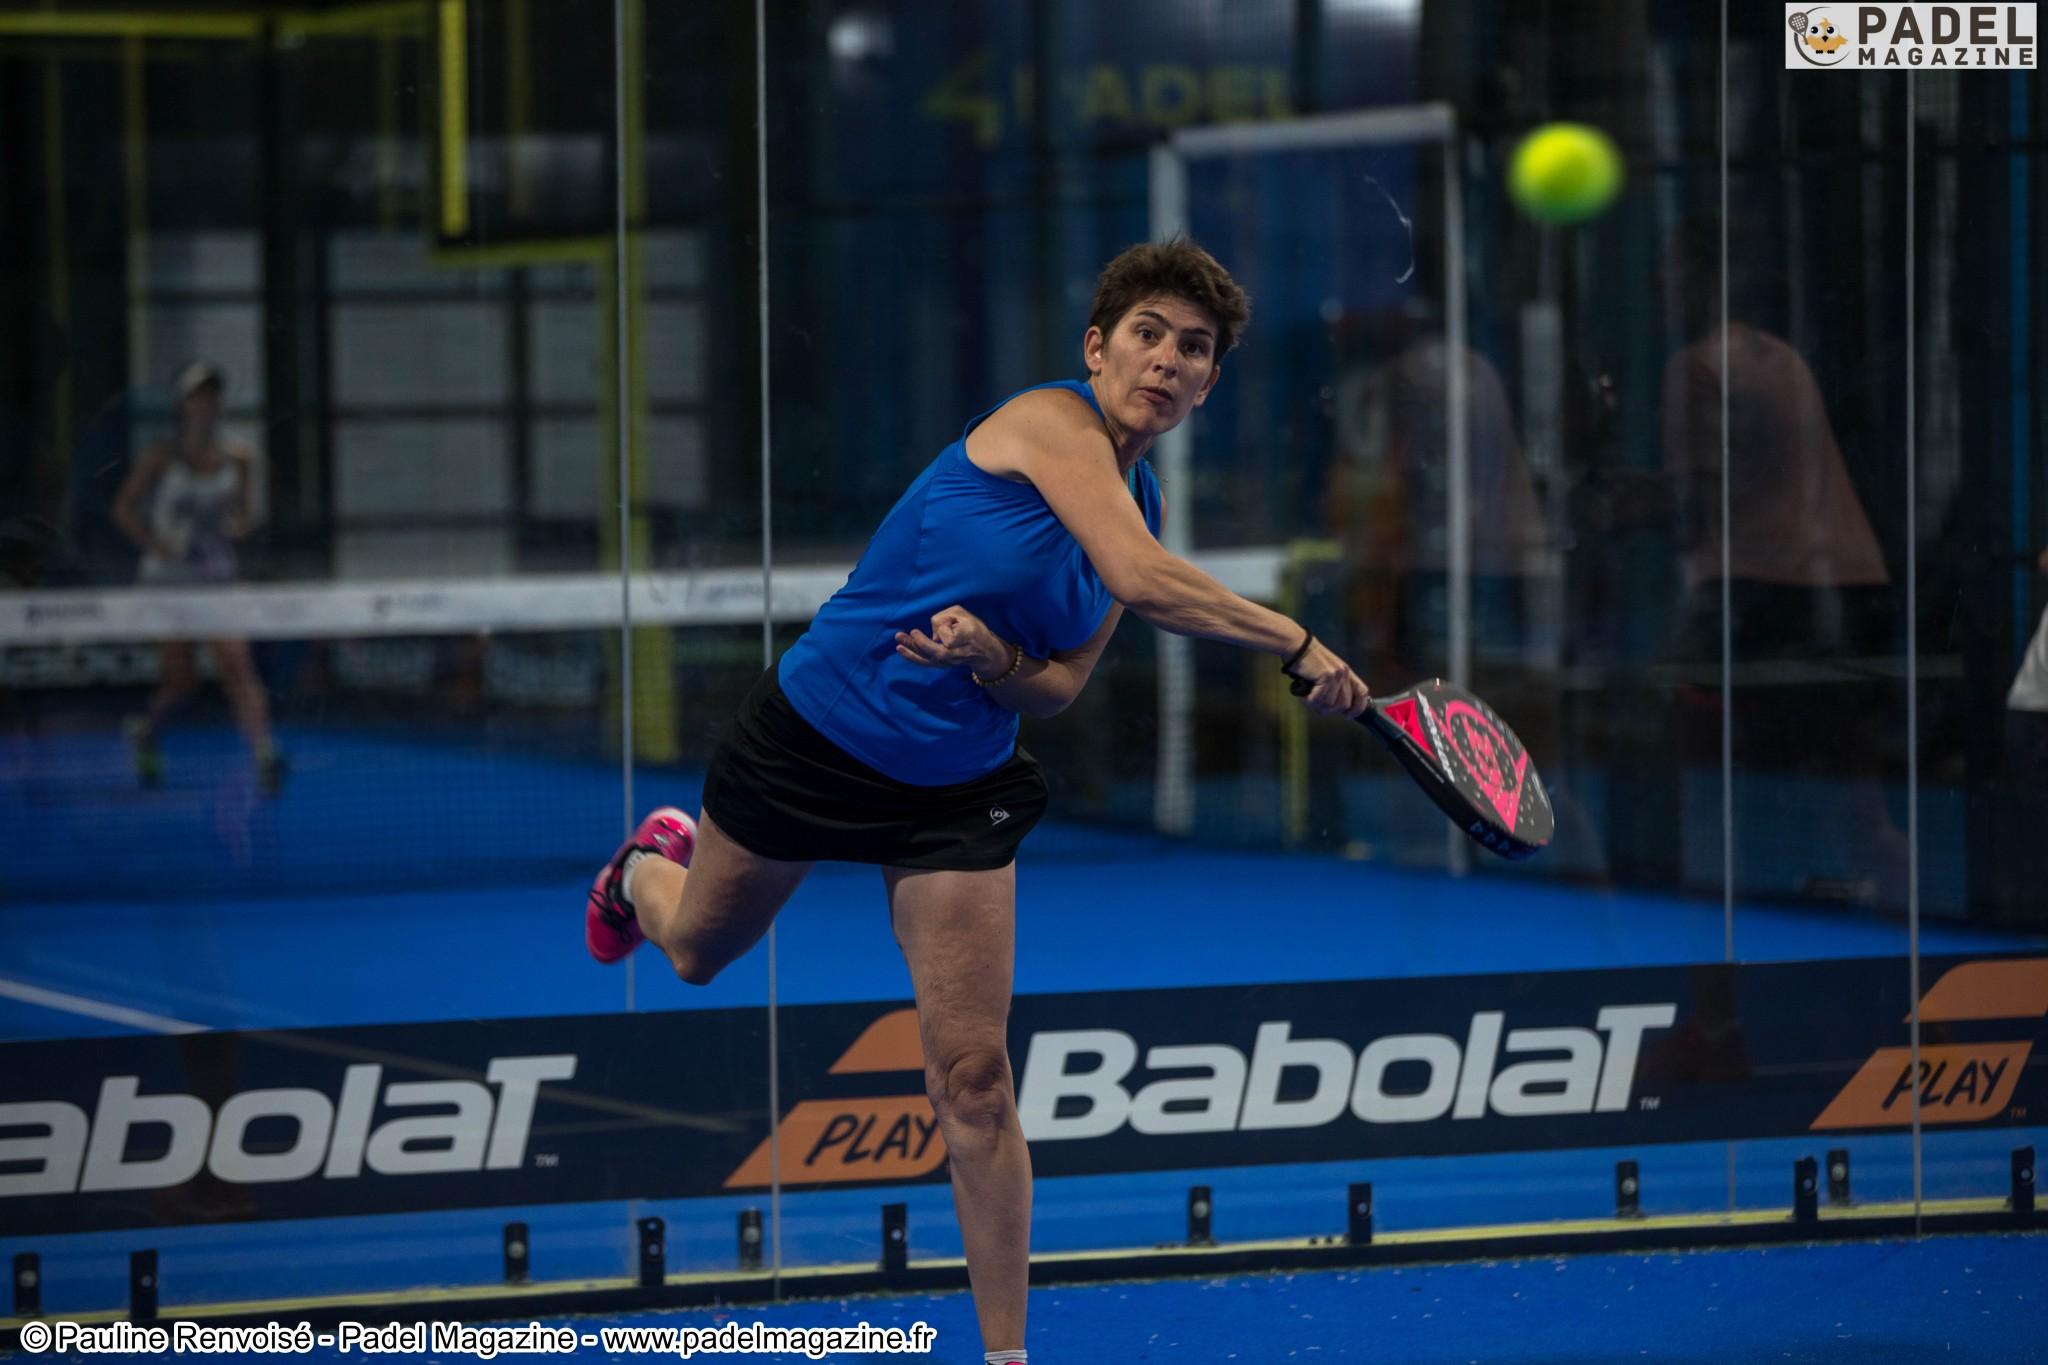 Line Meites indkaldt til det franske holds praktikophold